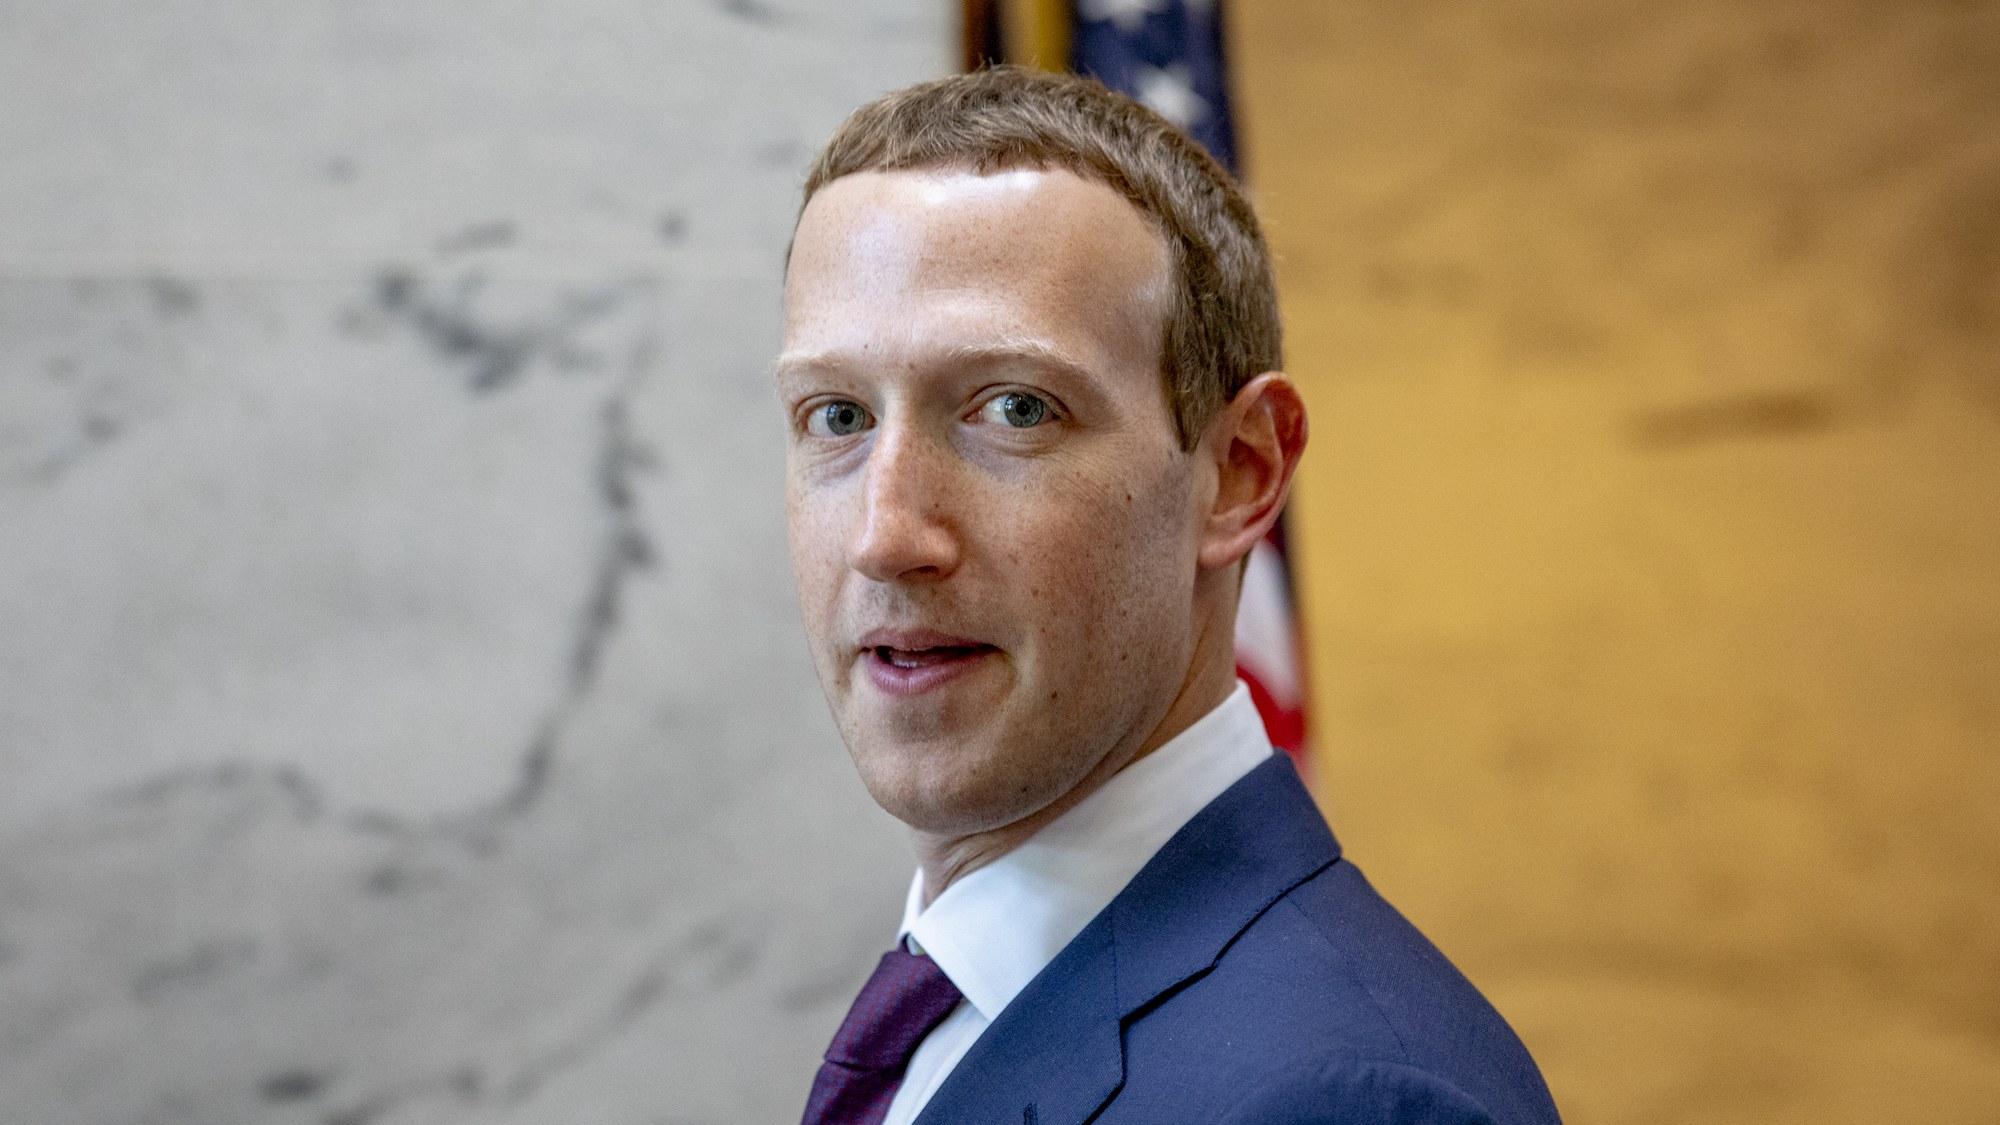 Mark Zuckerberg testifica en el Congreso estadounidense sobre Facebook y el proyecto Libra